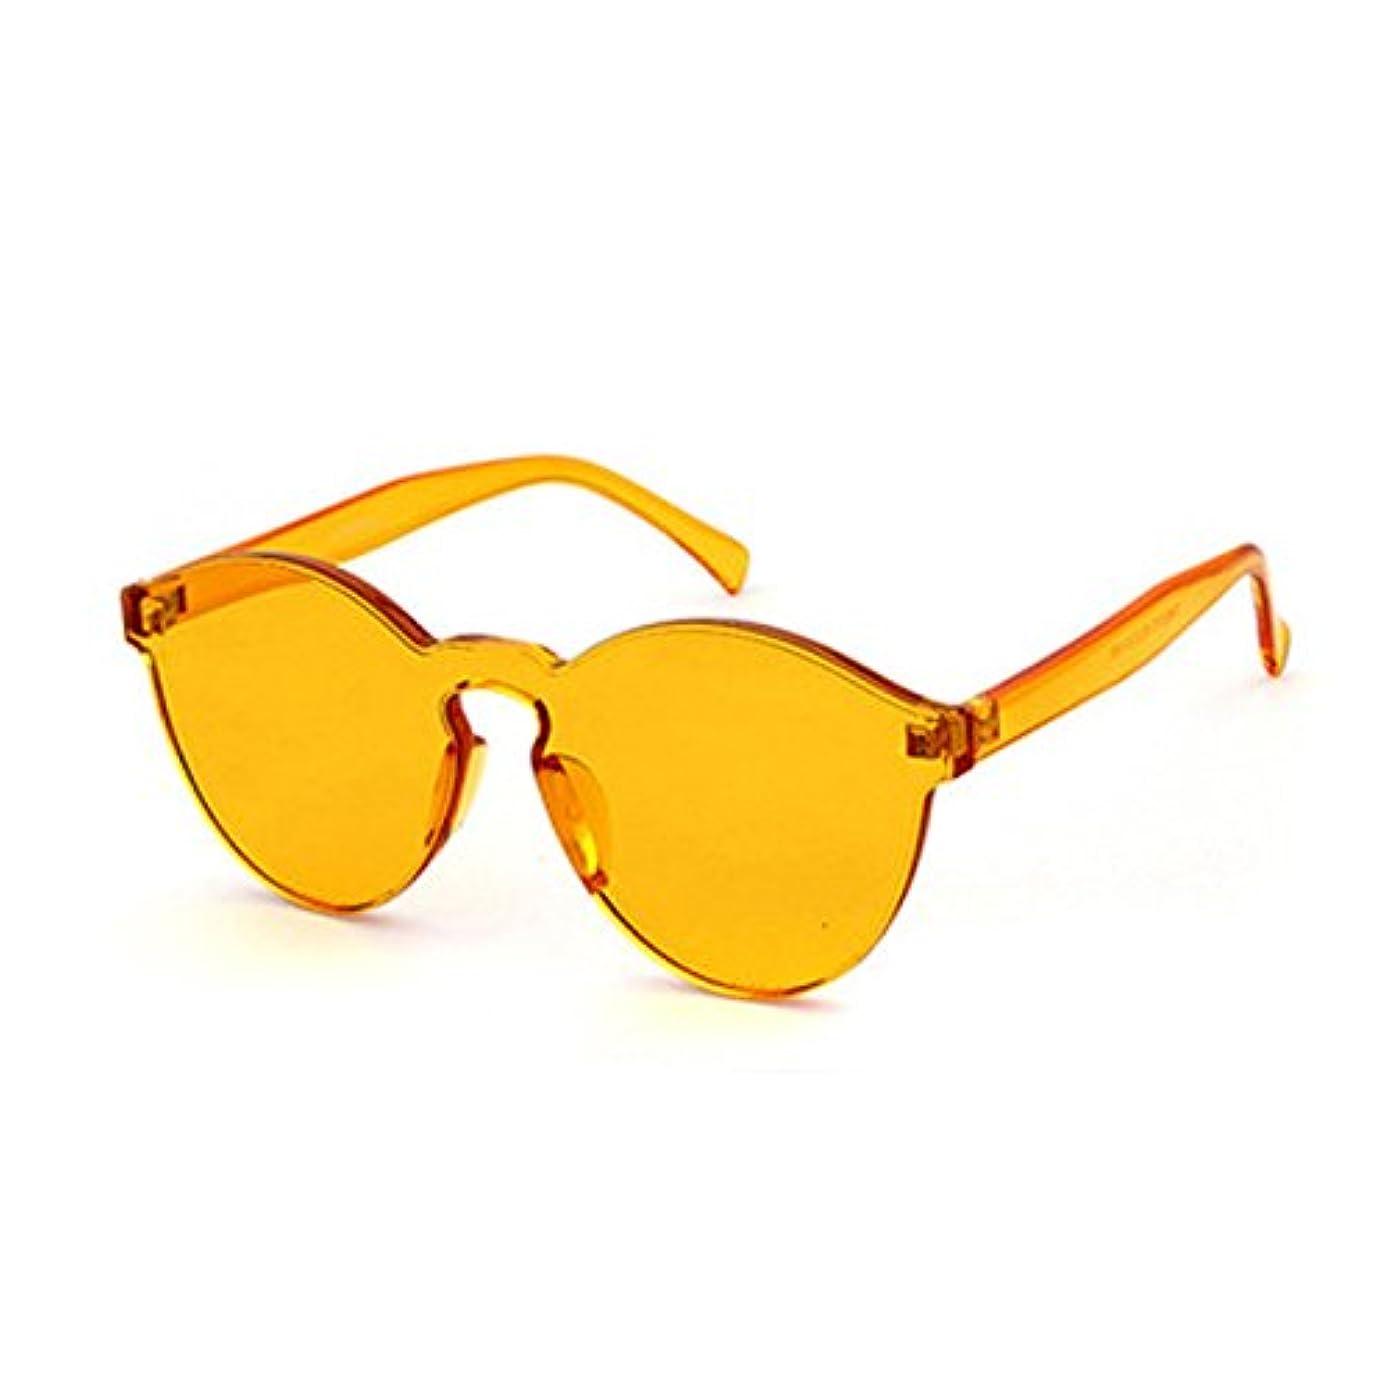 素晴らしさトロリーバス満足できるBolange 黄色 ユニセックスノーフレームレトロサングラス キャンディーカラー キャットアイ透明メガネ 写真撮影用